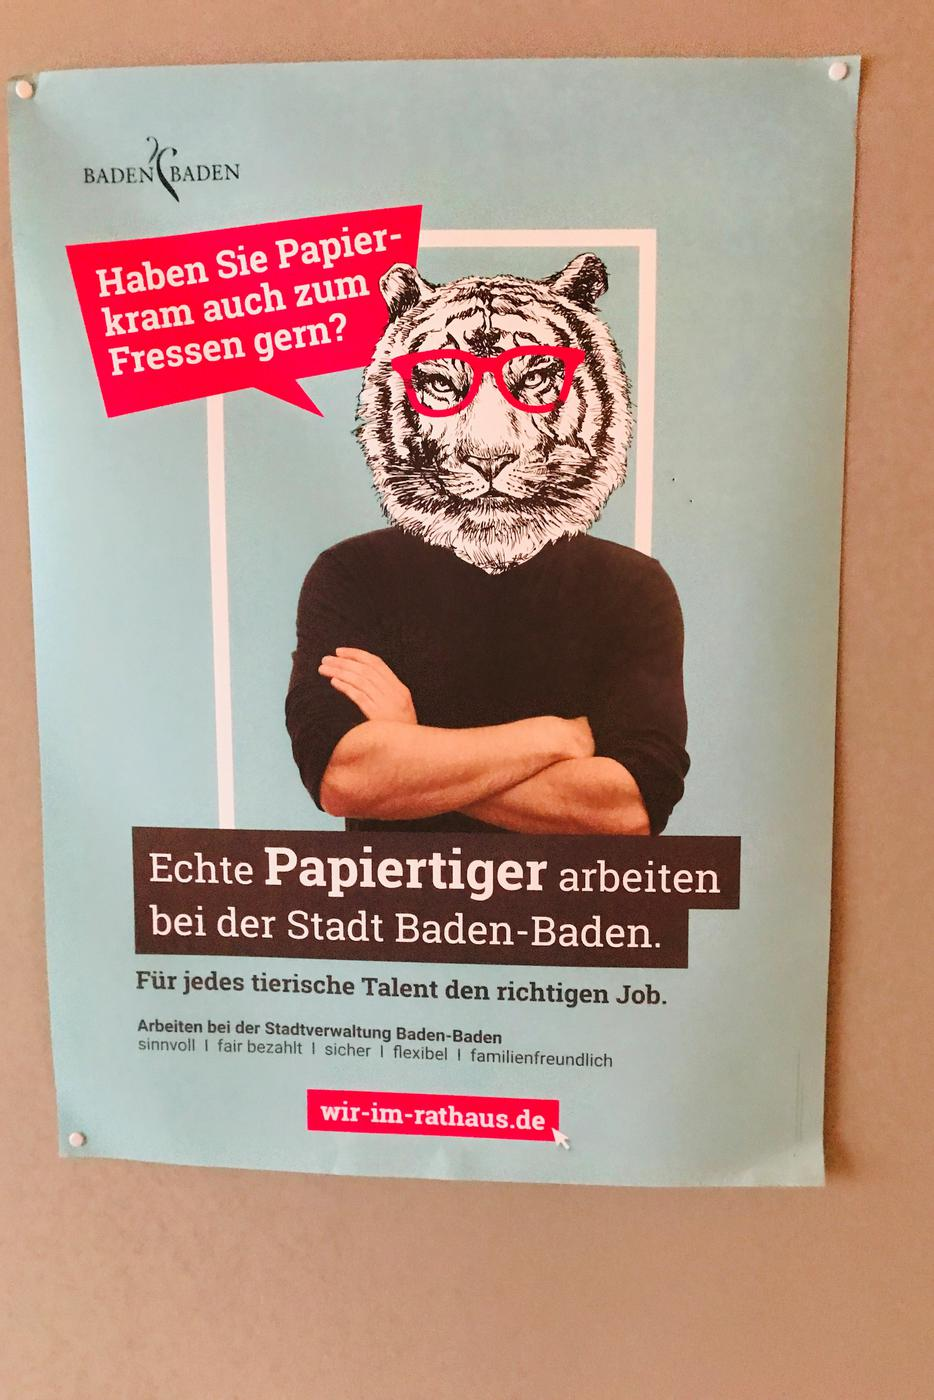 Mit einem Plakat, das einen Papiertiger symbolisiert, wirbt die Stadt Baden-Baden um Personal.